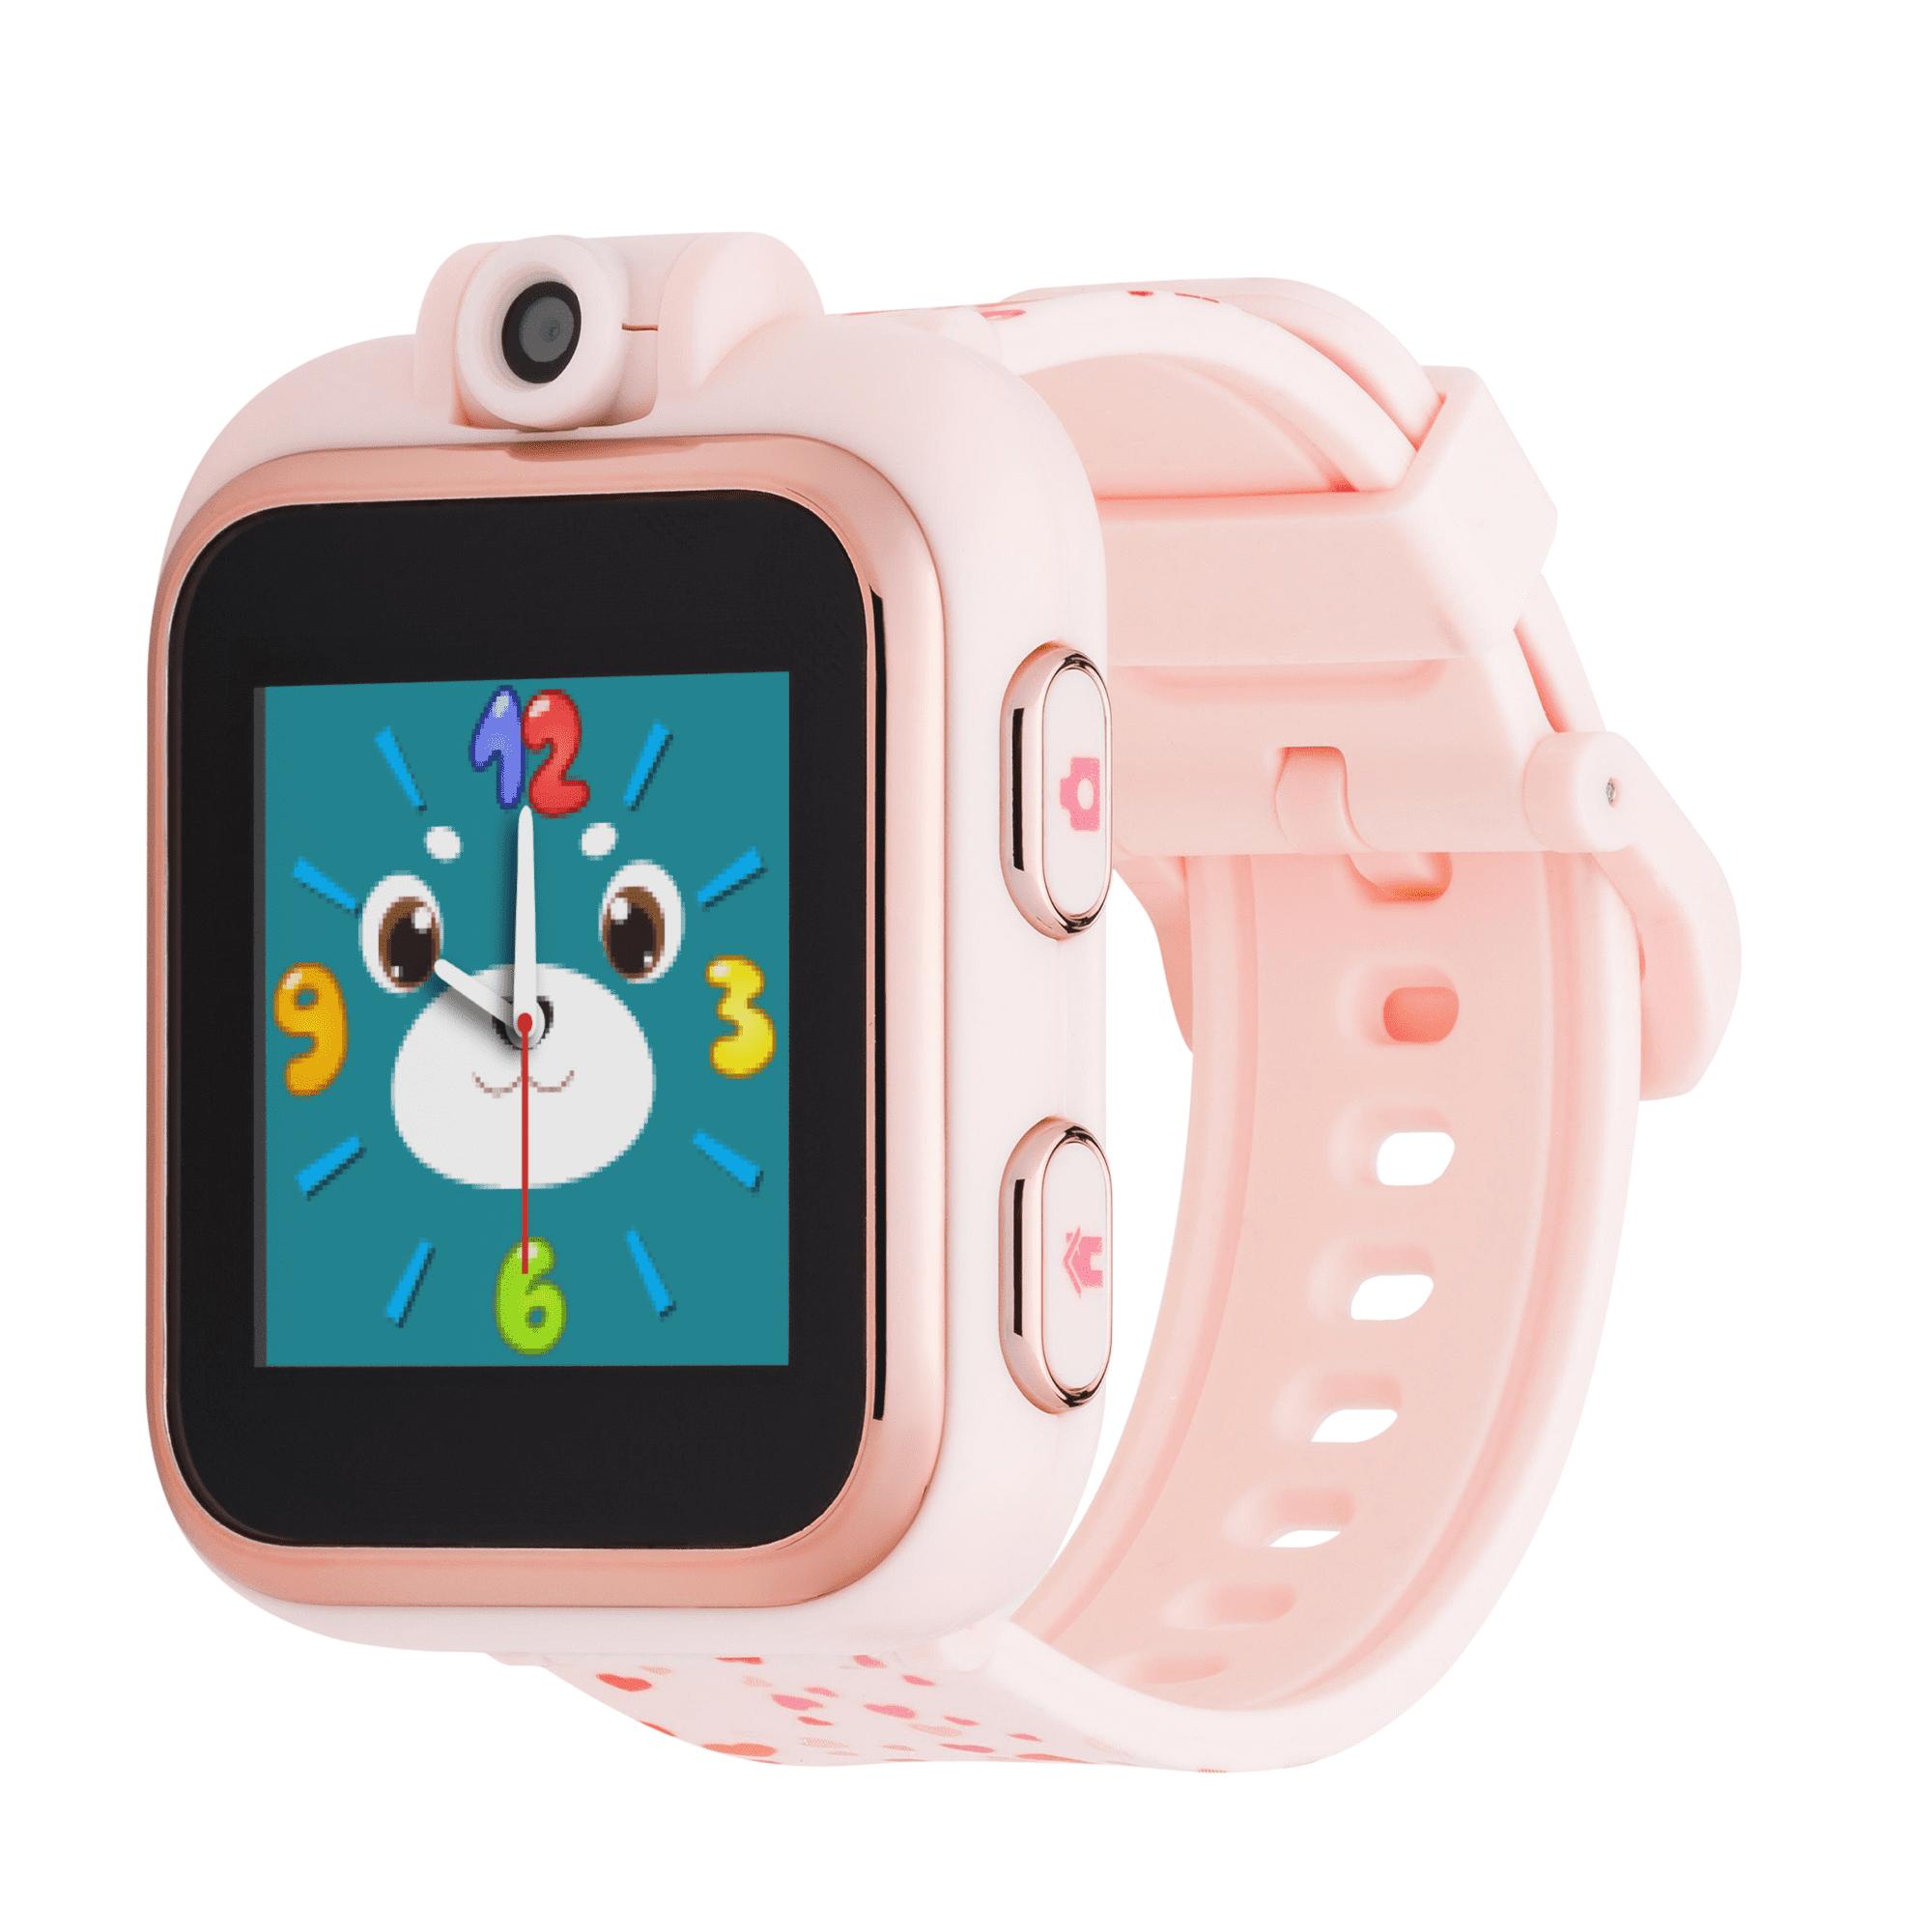 Kids Smartwatch, Strap W/heart Pattern